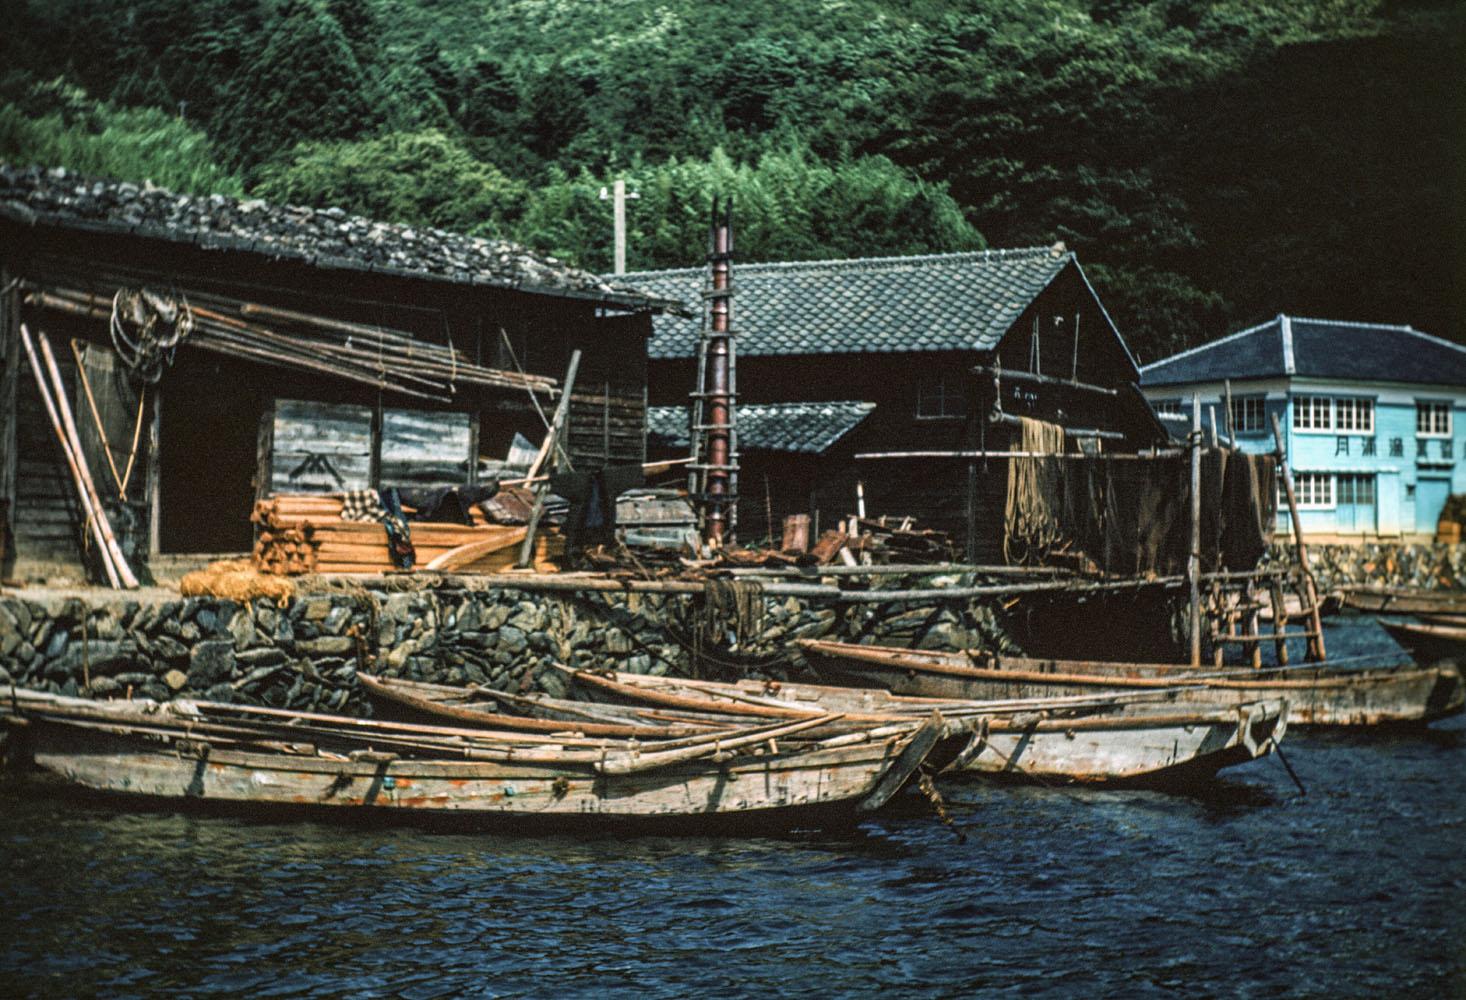 302- Boats at the Harbor